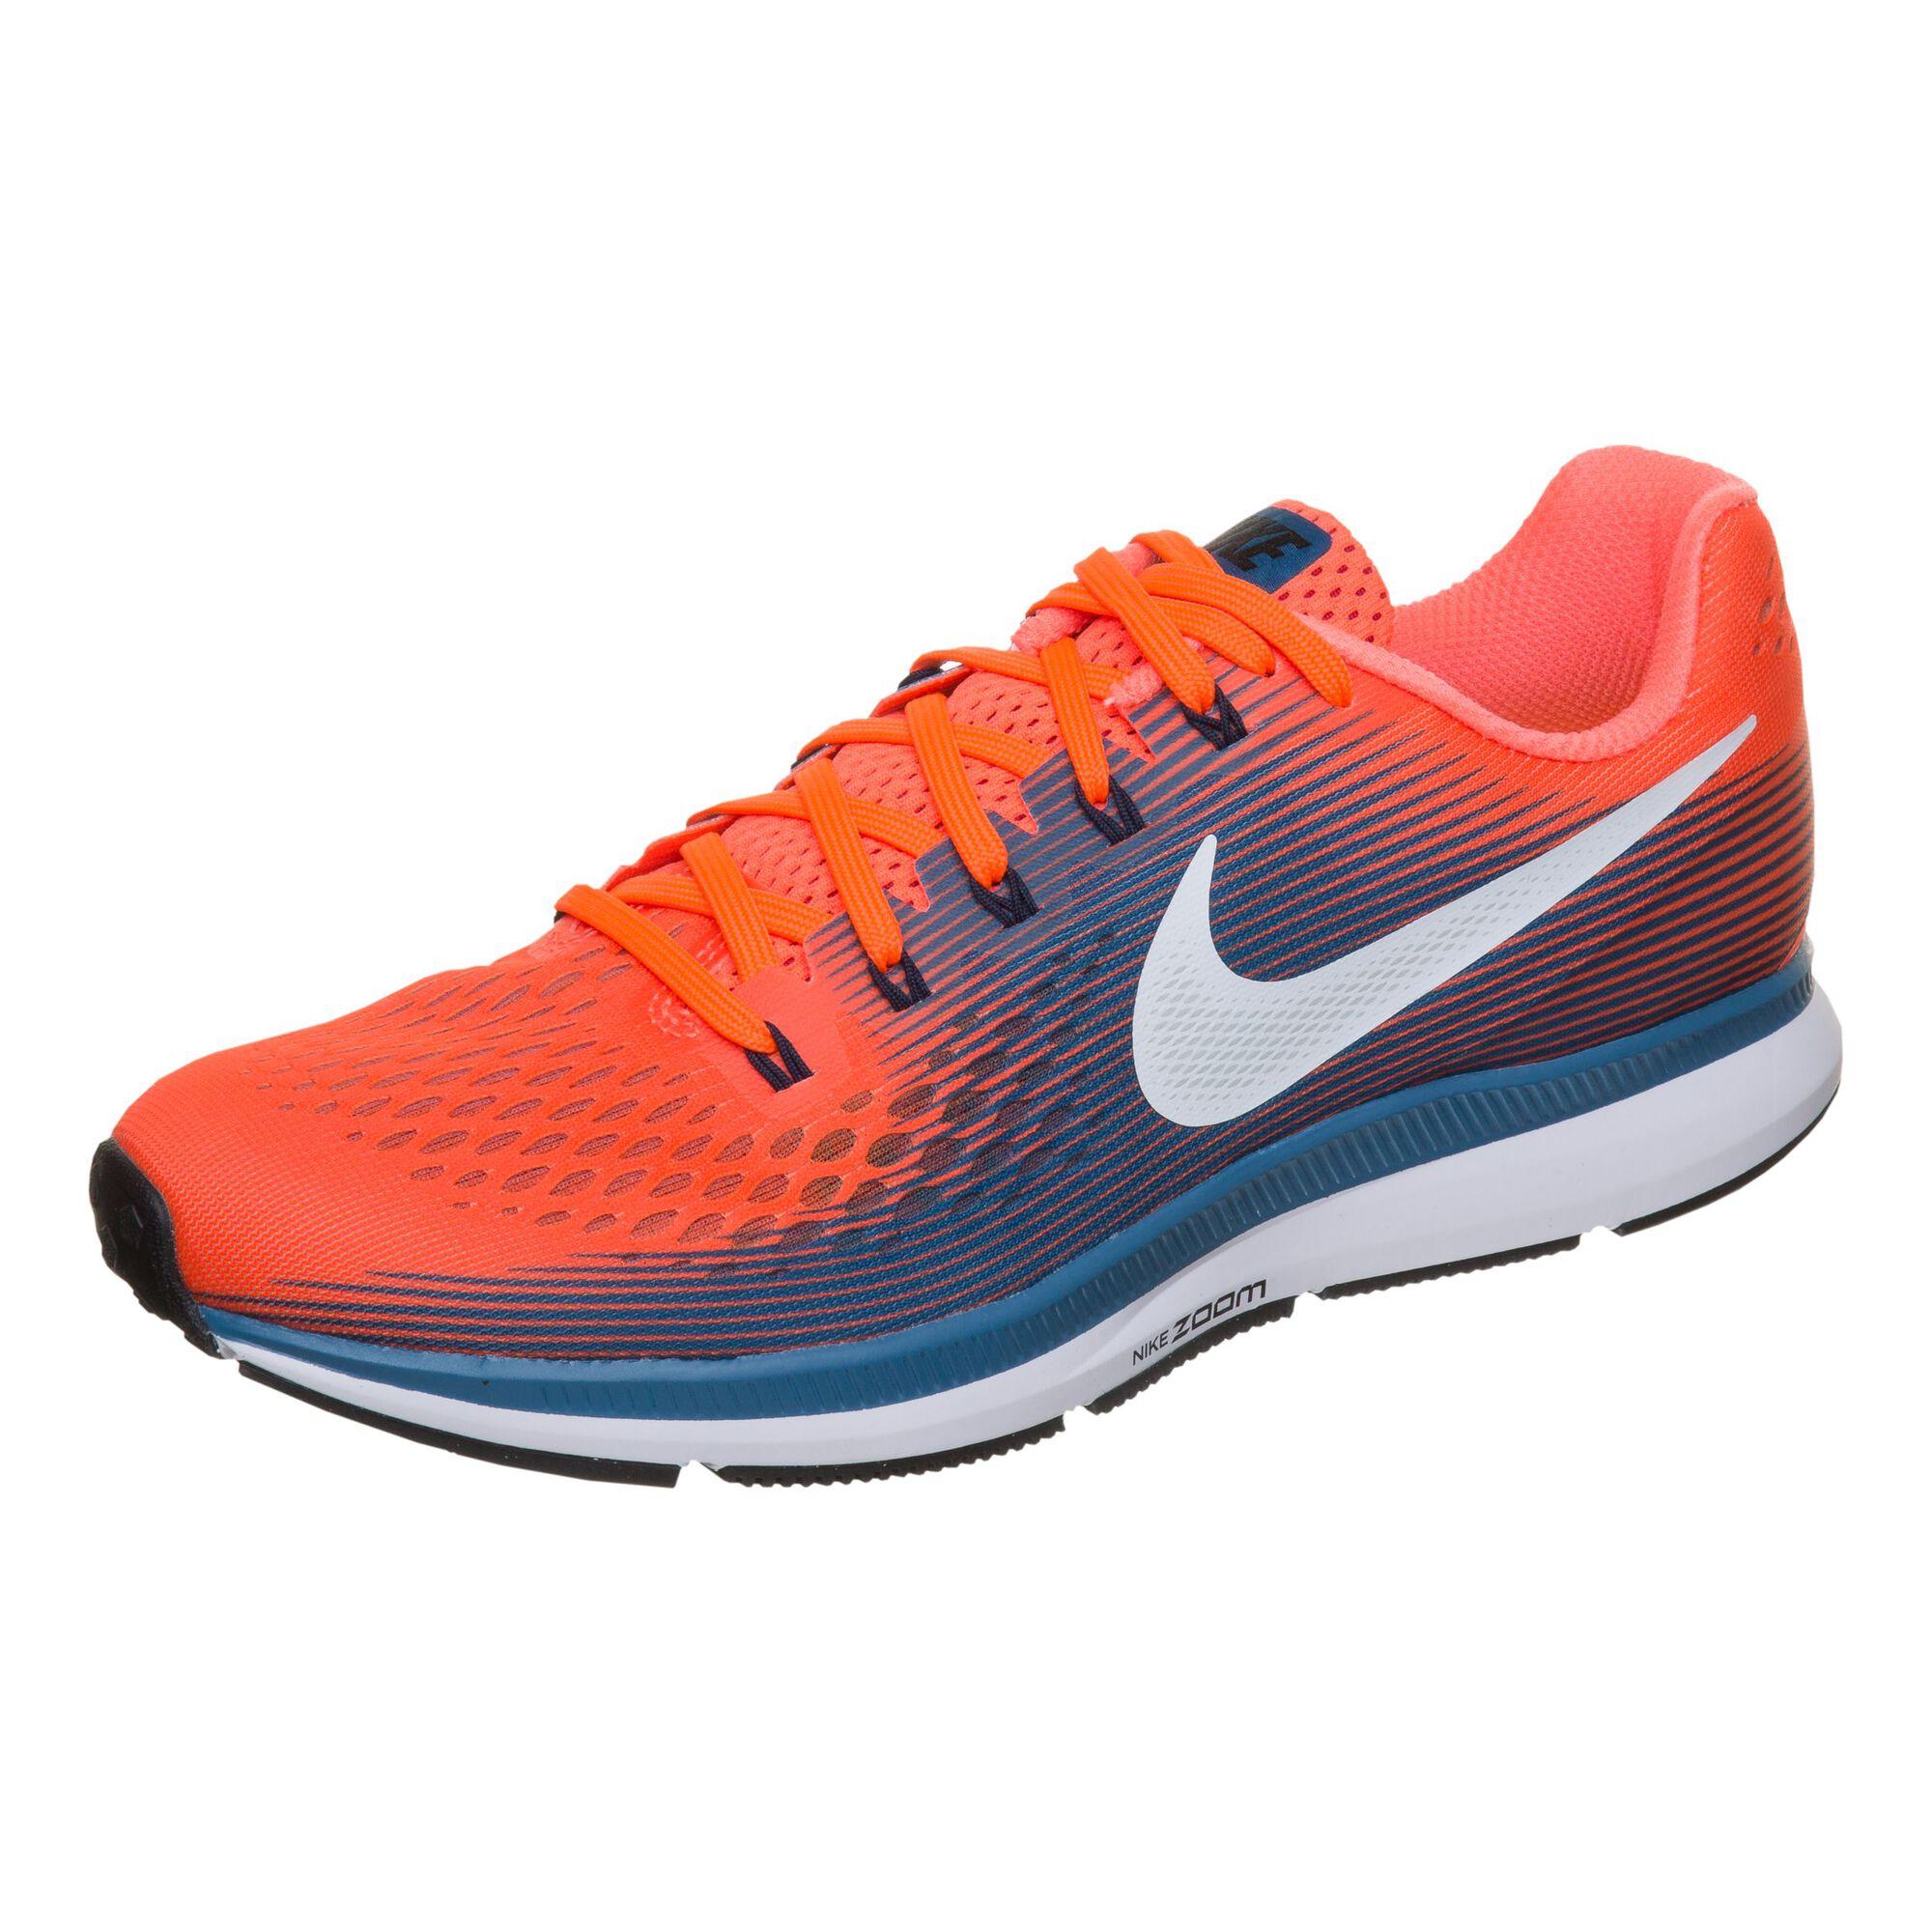 8845b8c4f0b5 Nike  Nike  Nike  Nike  Nike  Nike  Nike  Nike  Nike  Nike. Air Zoom  Pegasus 34 Men ...